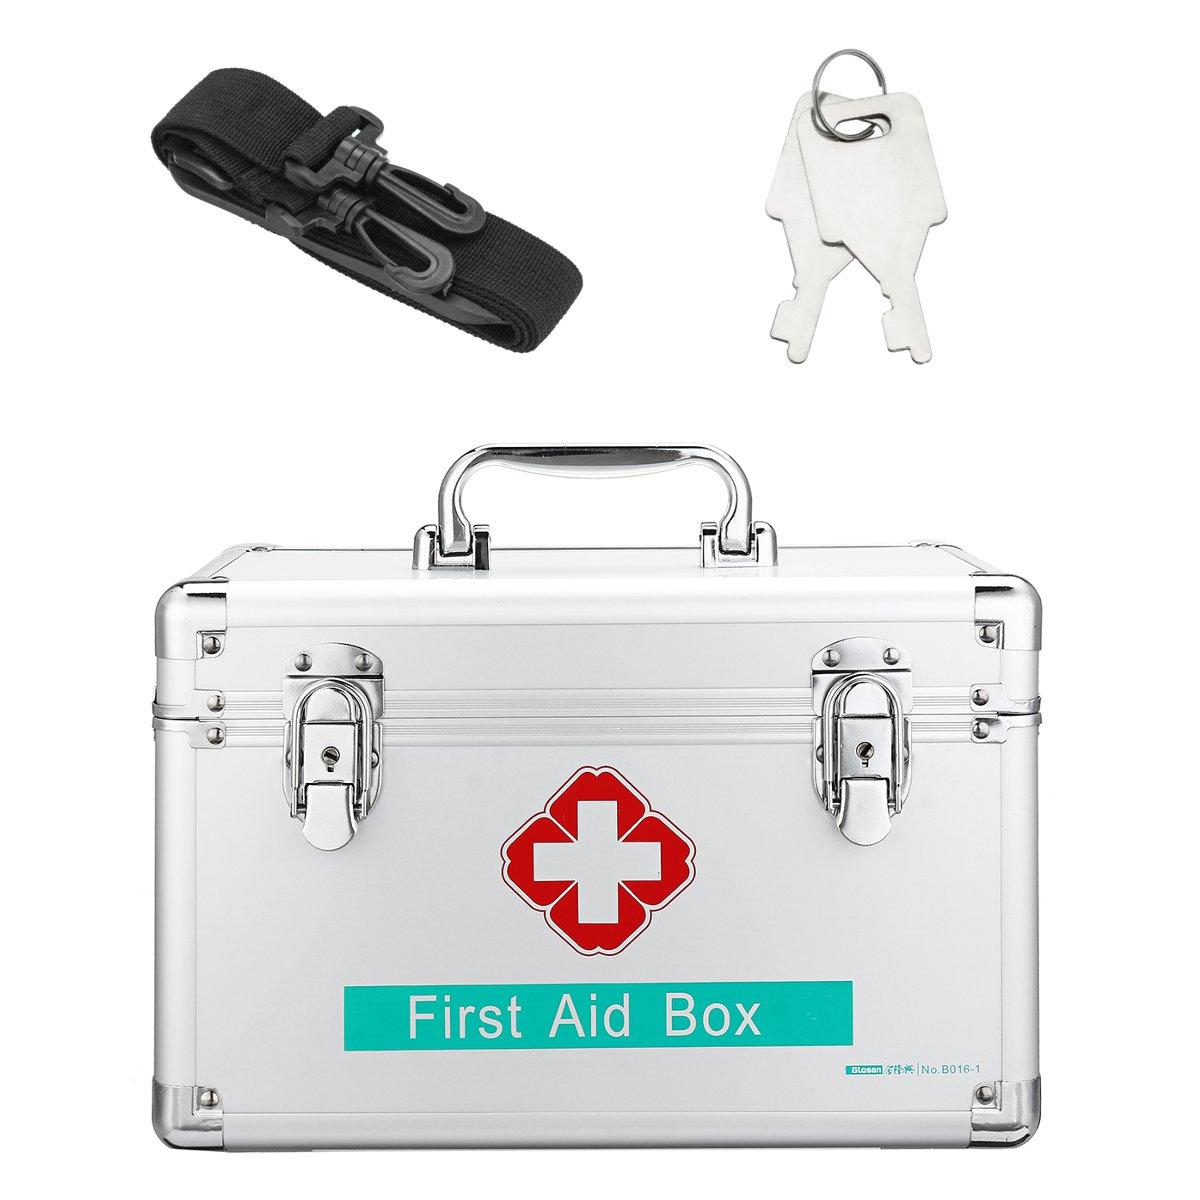 Trousse de premiers soins verrouillable cadre en aluminium Durable boîte de stockage de médicaments pour voyage à domicile lieu de travail médical 12 pouces